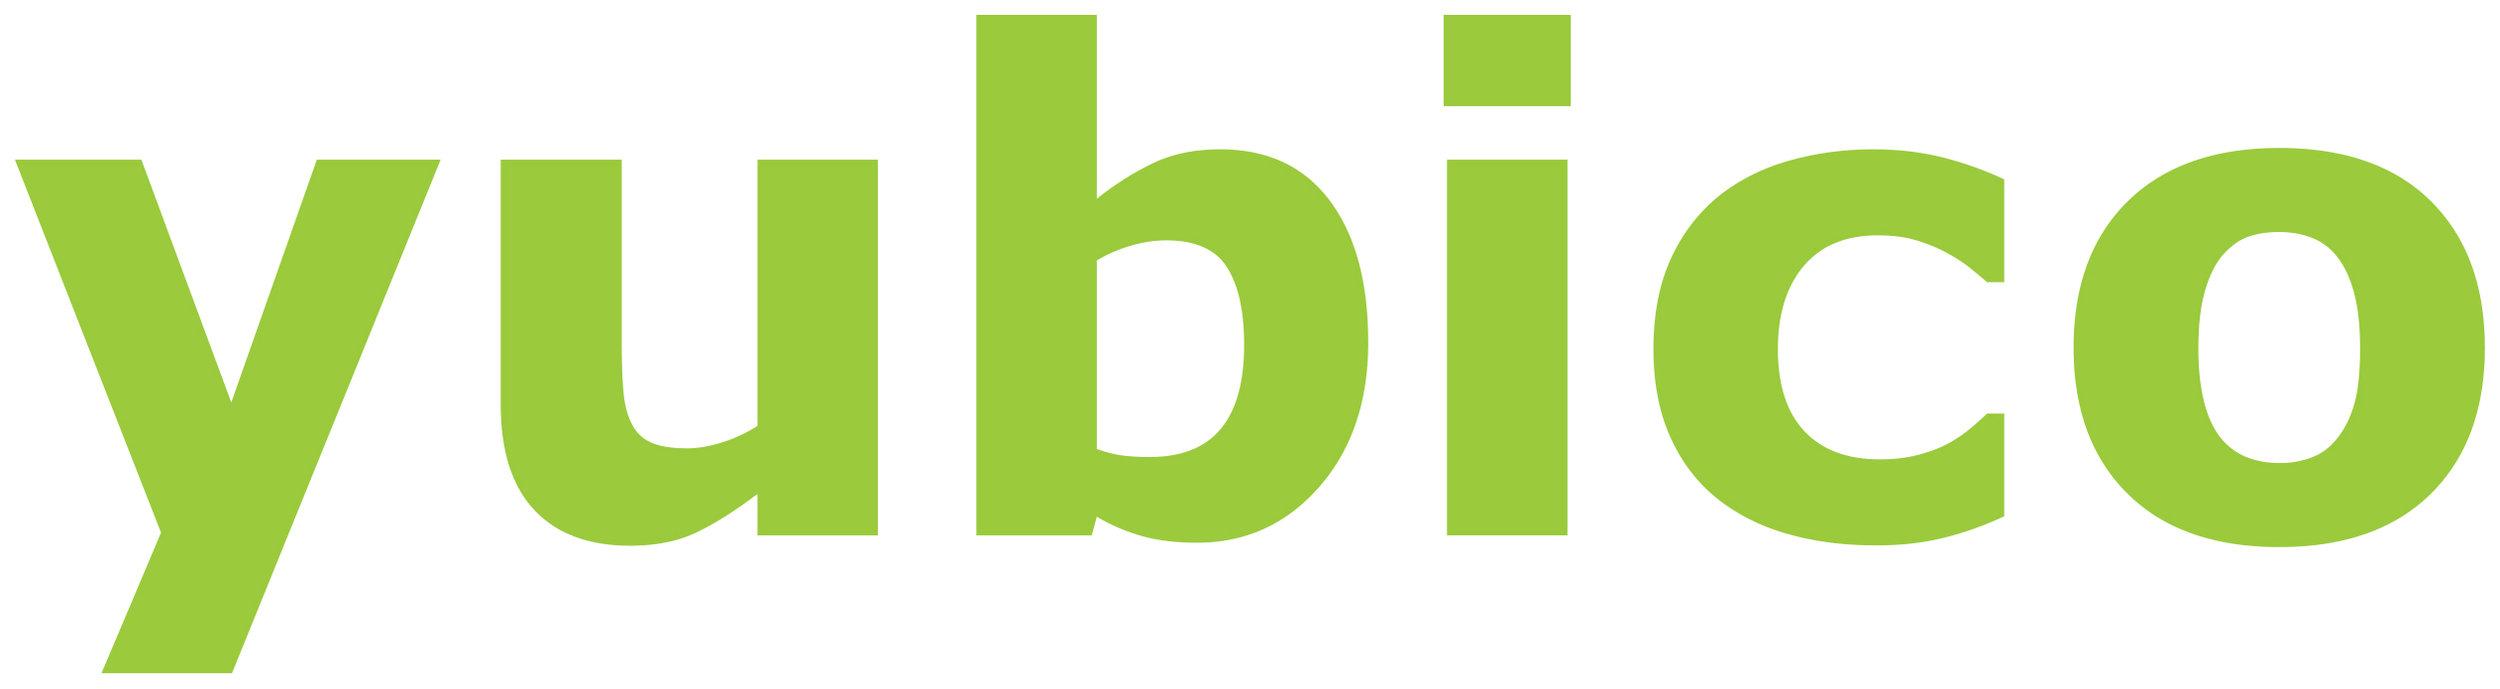 Yubico-Logo-Big.jpg